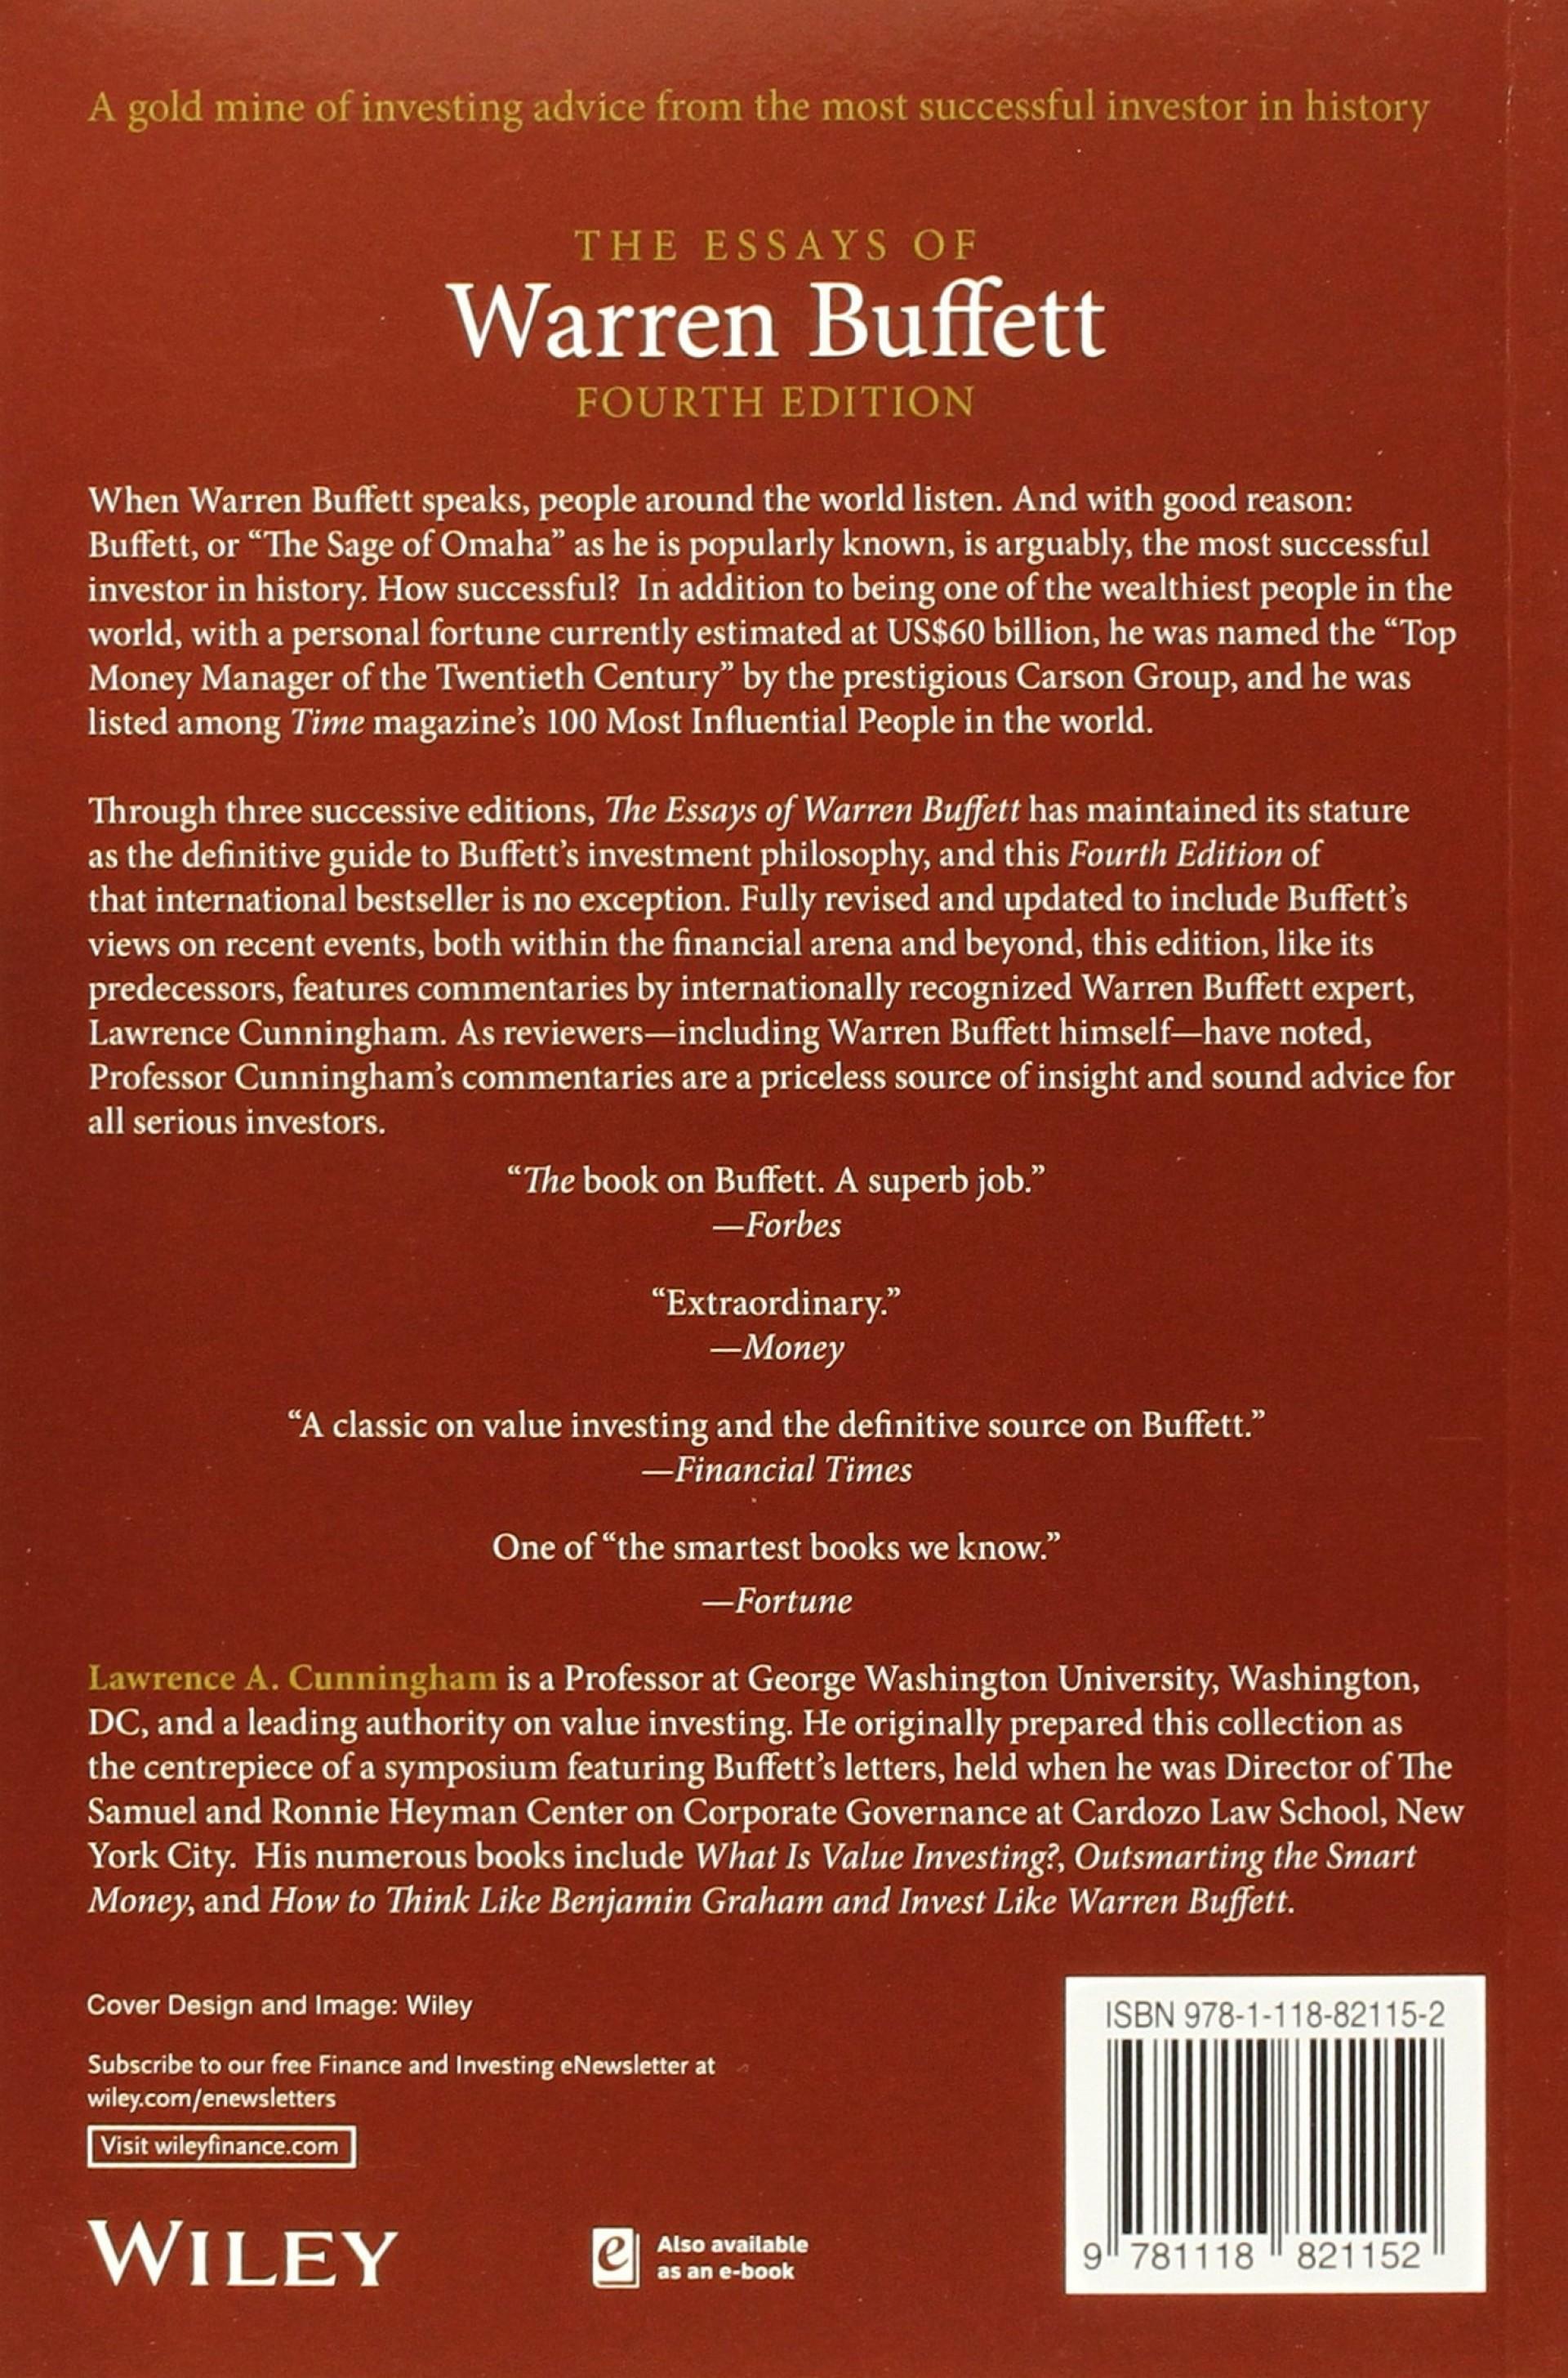 007 91viw96oq0l Die Essays Von Warren Buffett Essay Archaicawful Das Buch Für Investoren Pdf Und Unternehmer 1920